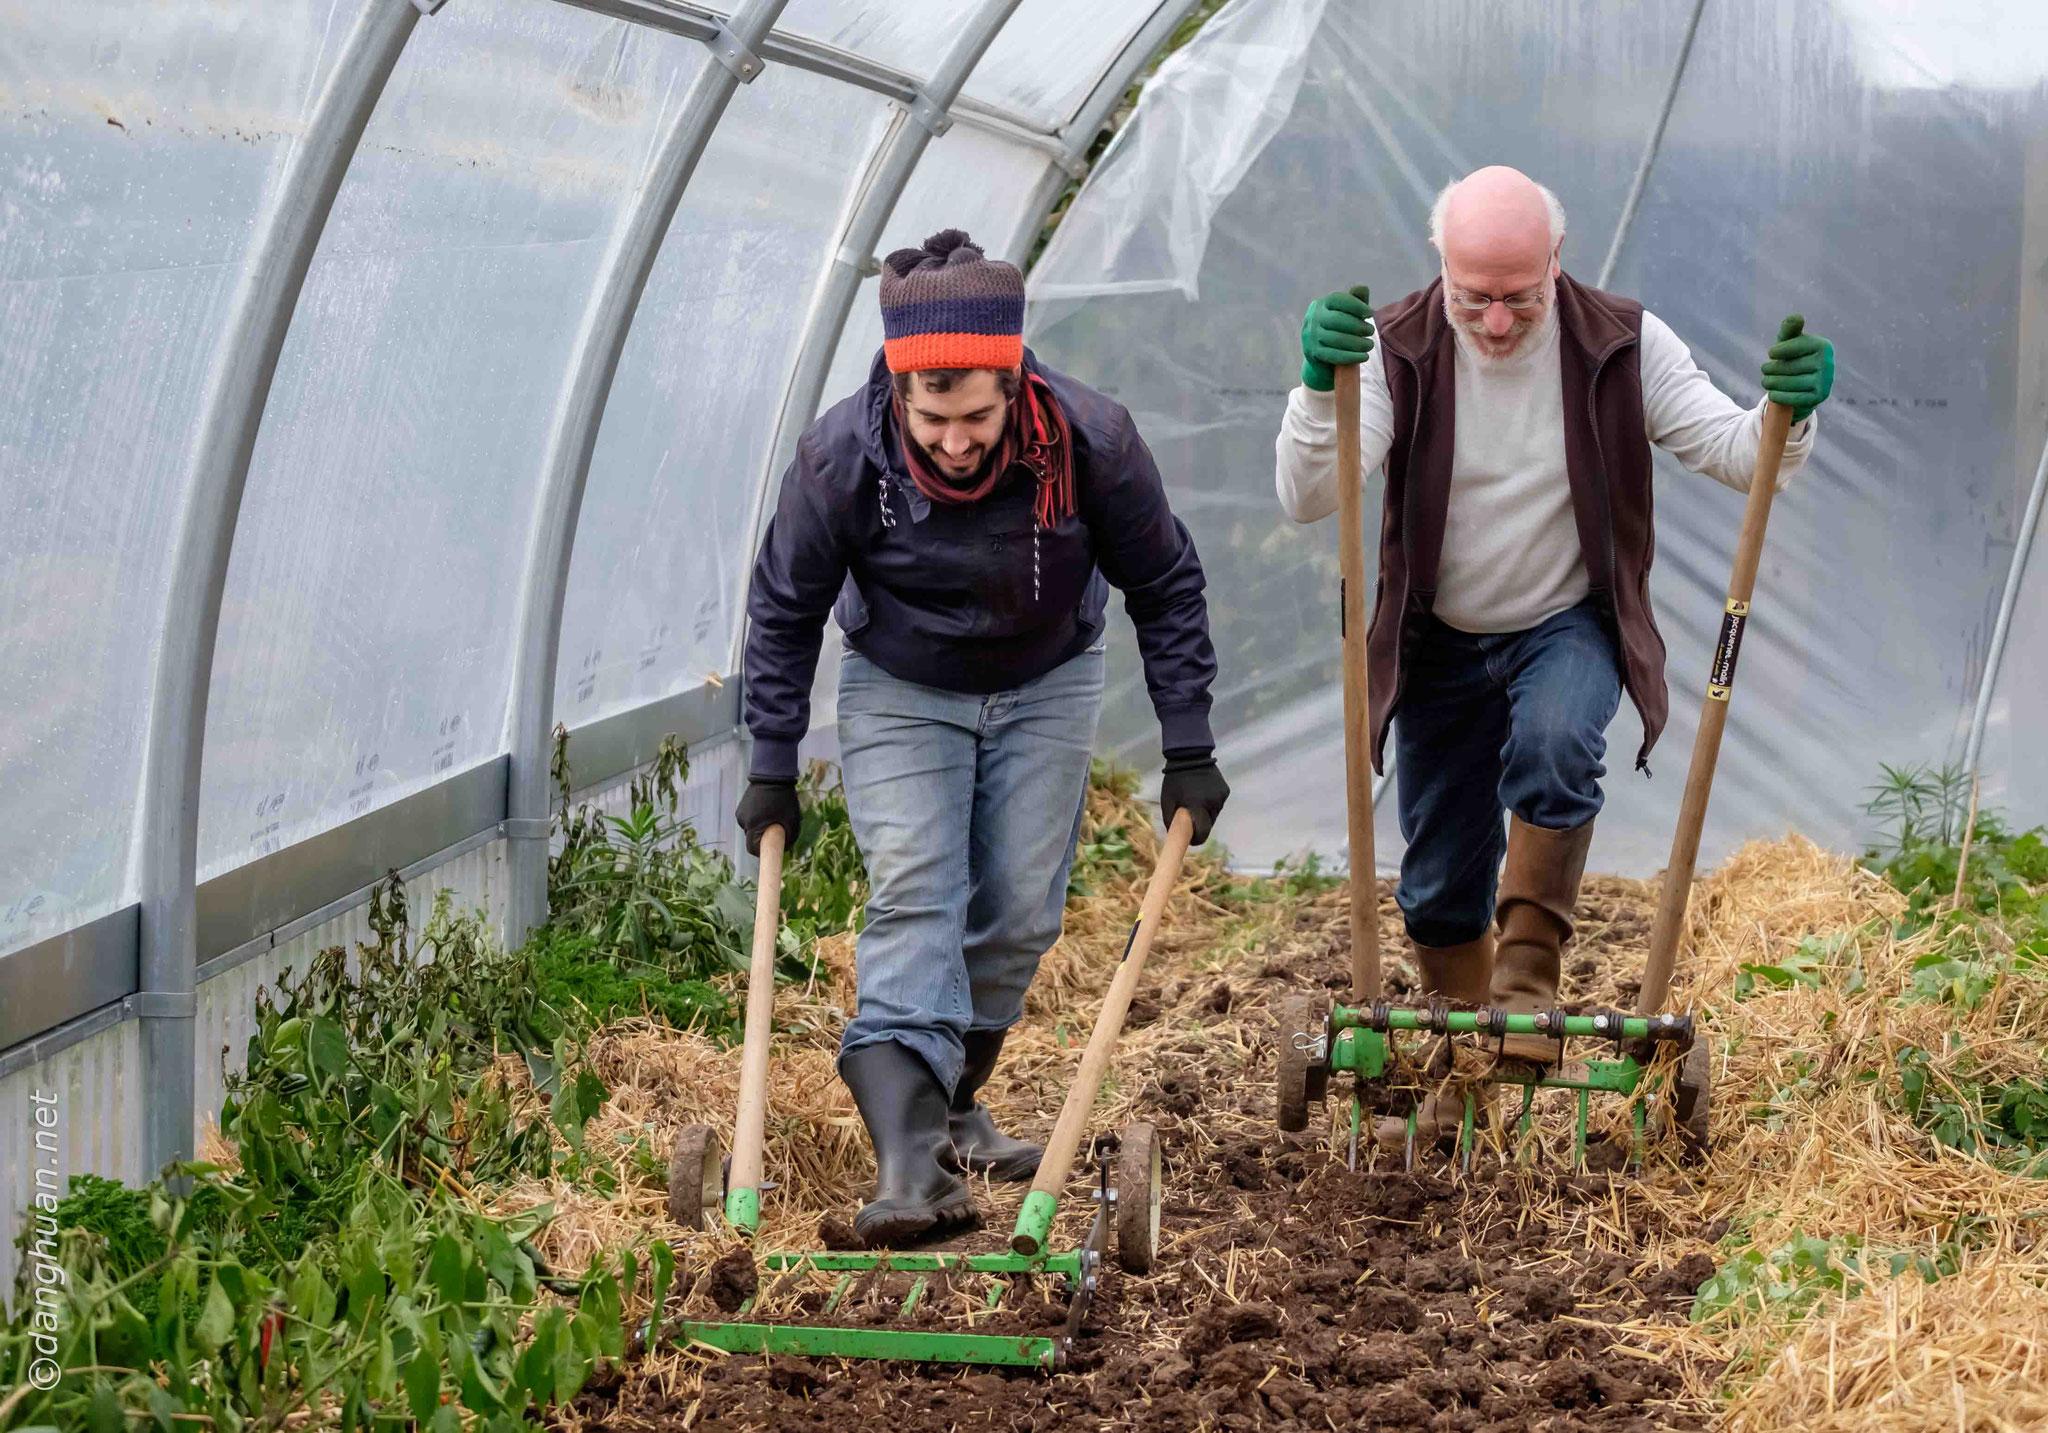 Préparer la terre pour la prochaine plantation